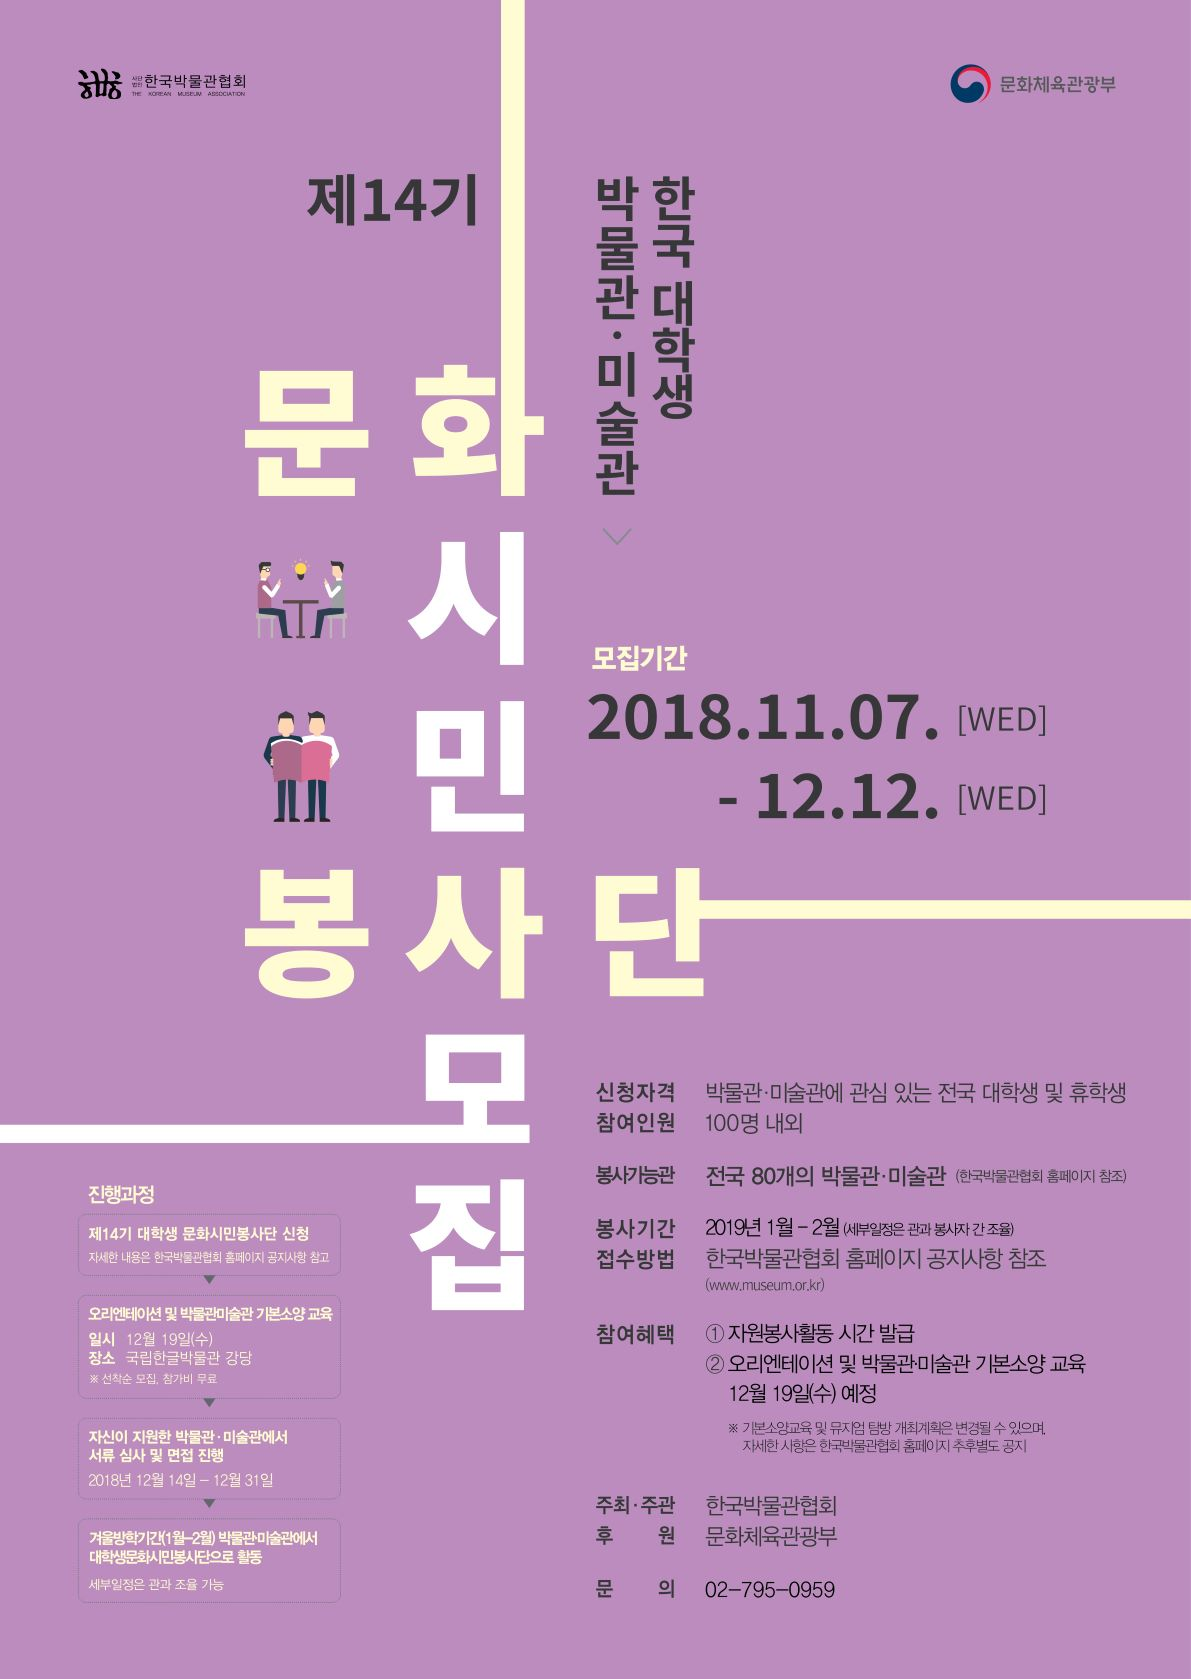 한국 대학생 박물관.미술관 제14기 문화시민봉사단 모집, 자세한 내용은 첨부파일을 확인해주세요.